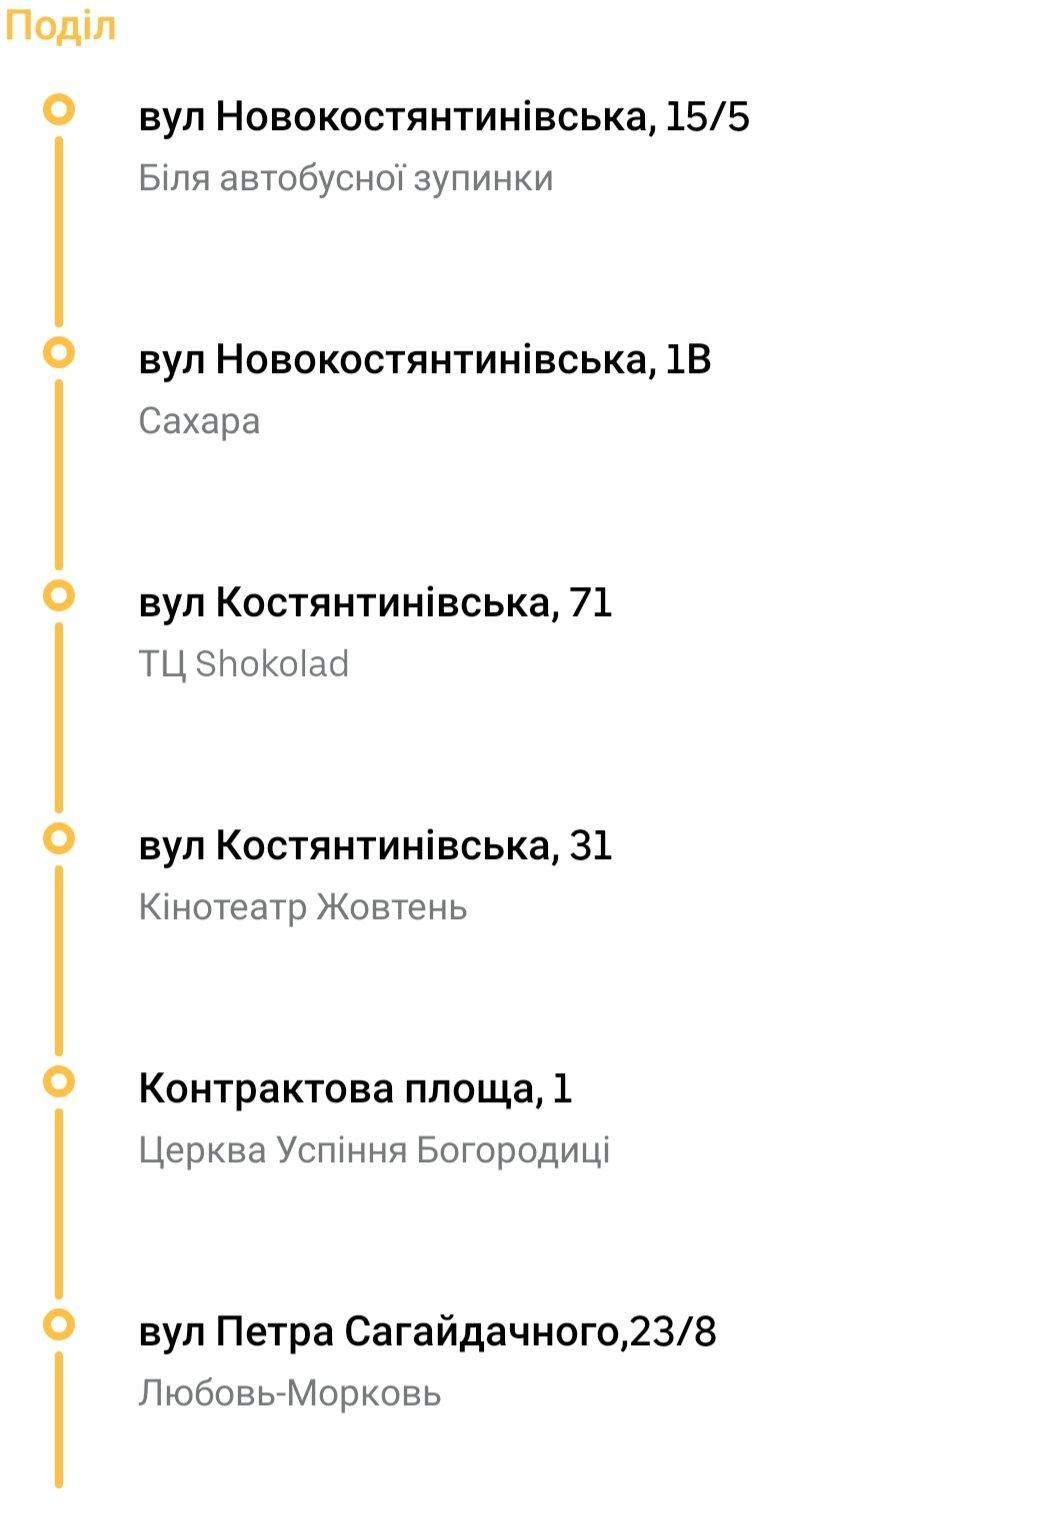 """Маршрутки Киева: где ездят, как работают и сколько стоит проезд в автобусах """"Uber Shuttle"""", фото-5"""